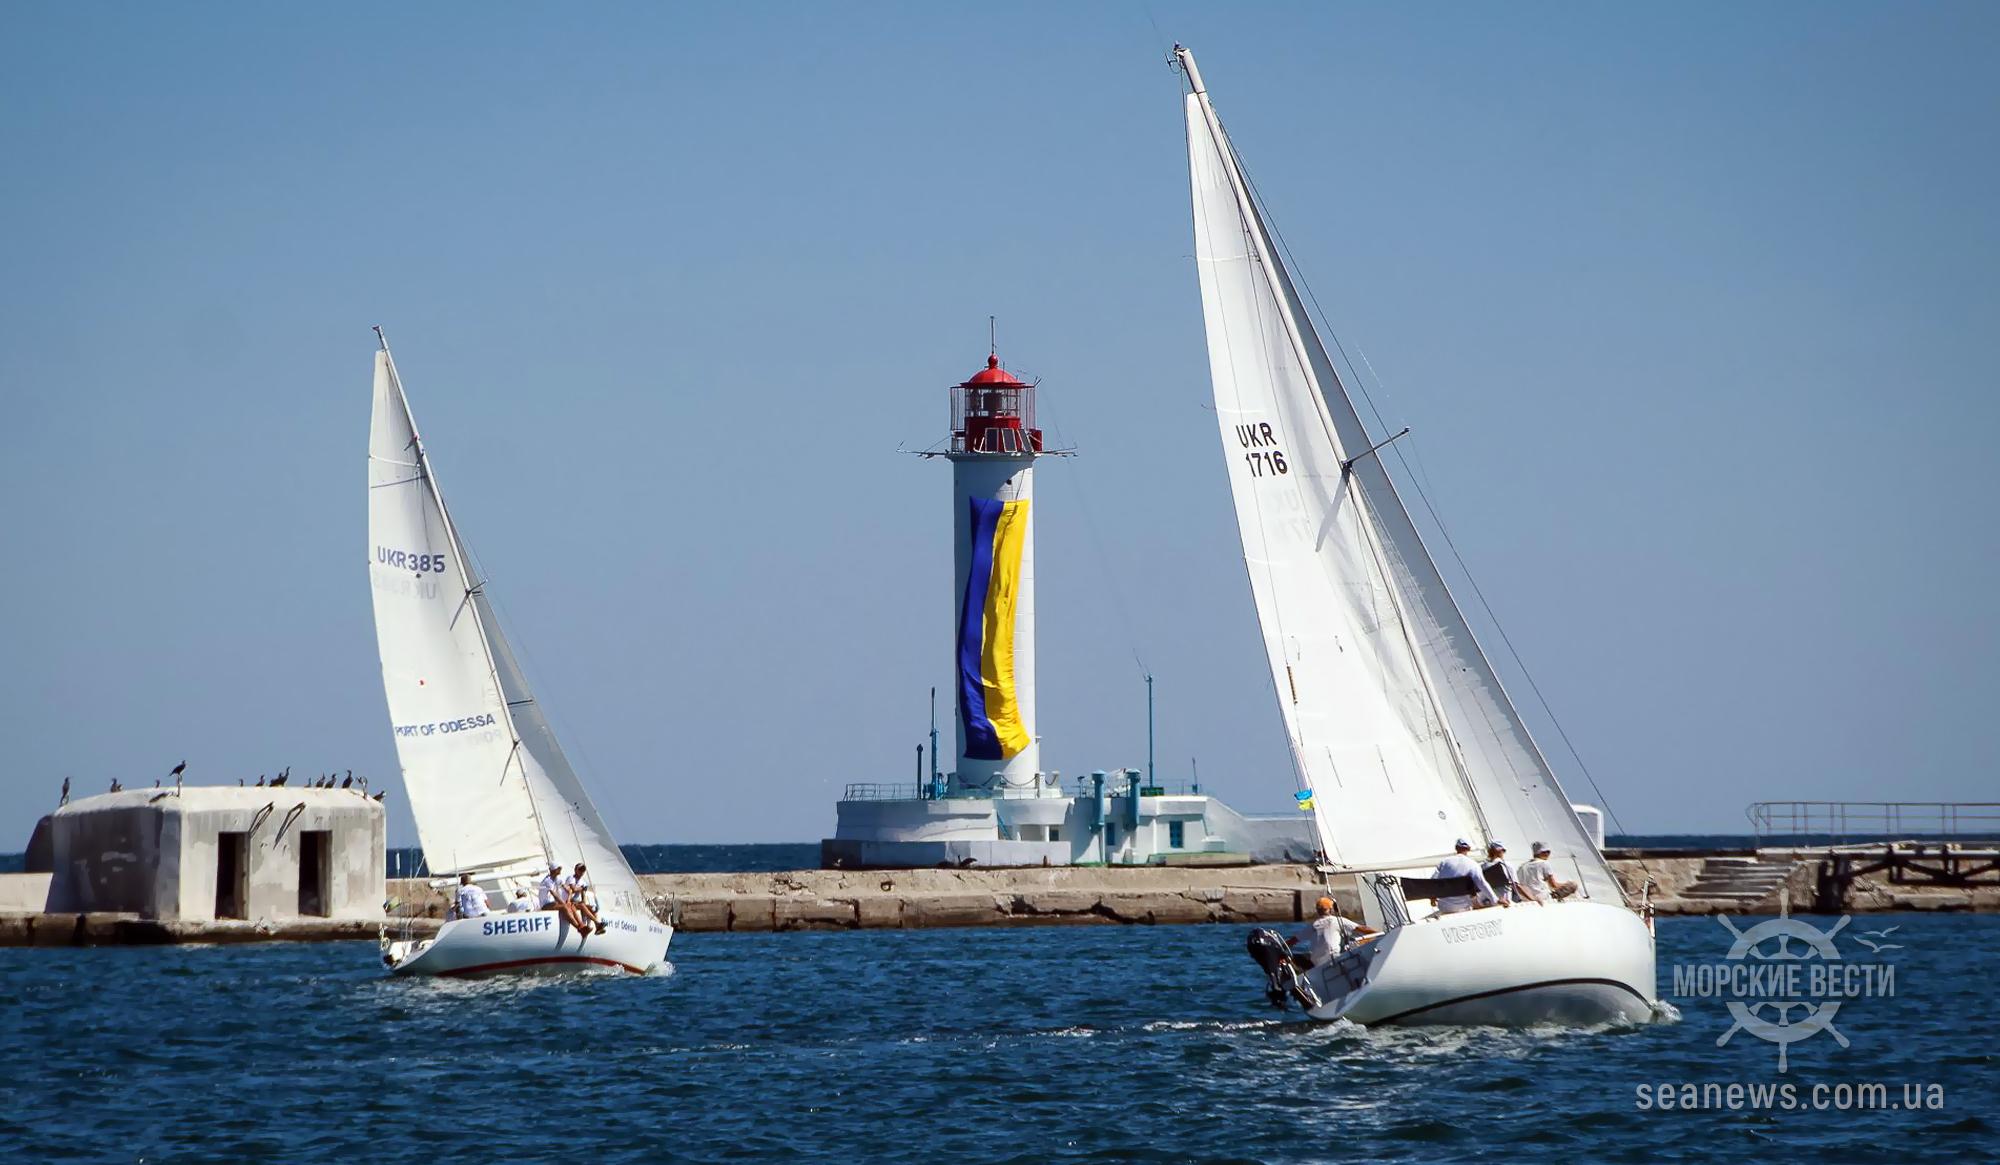 В Одессе проходит регата крейсерских яхт «Кубок Чёрного моря-2020»